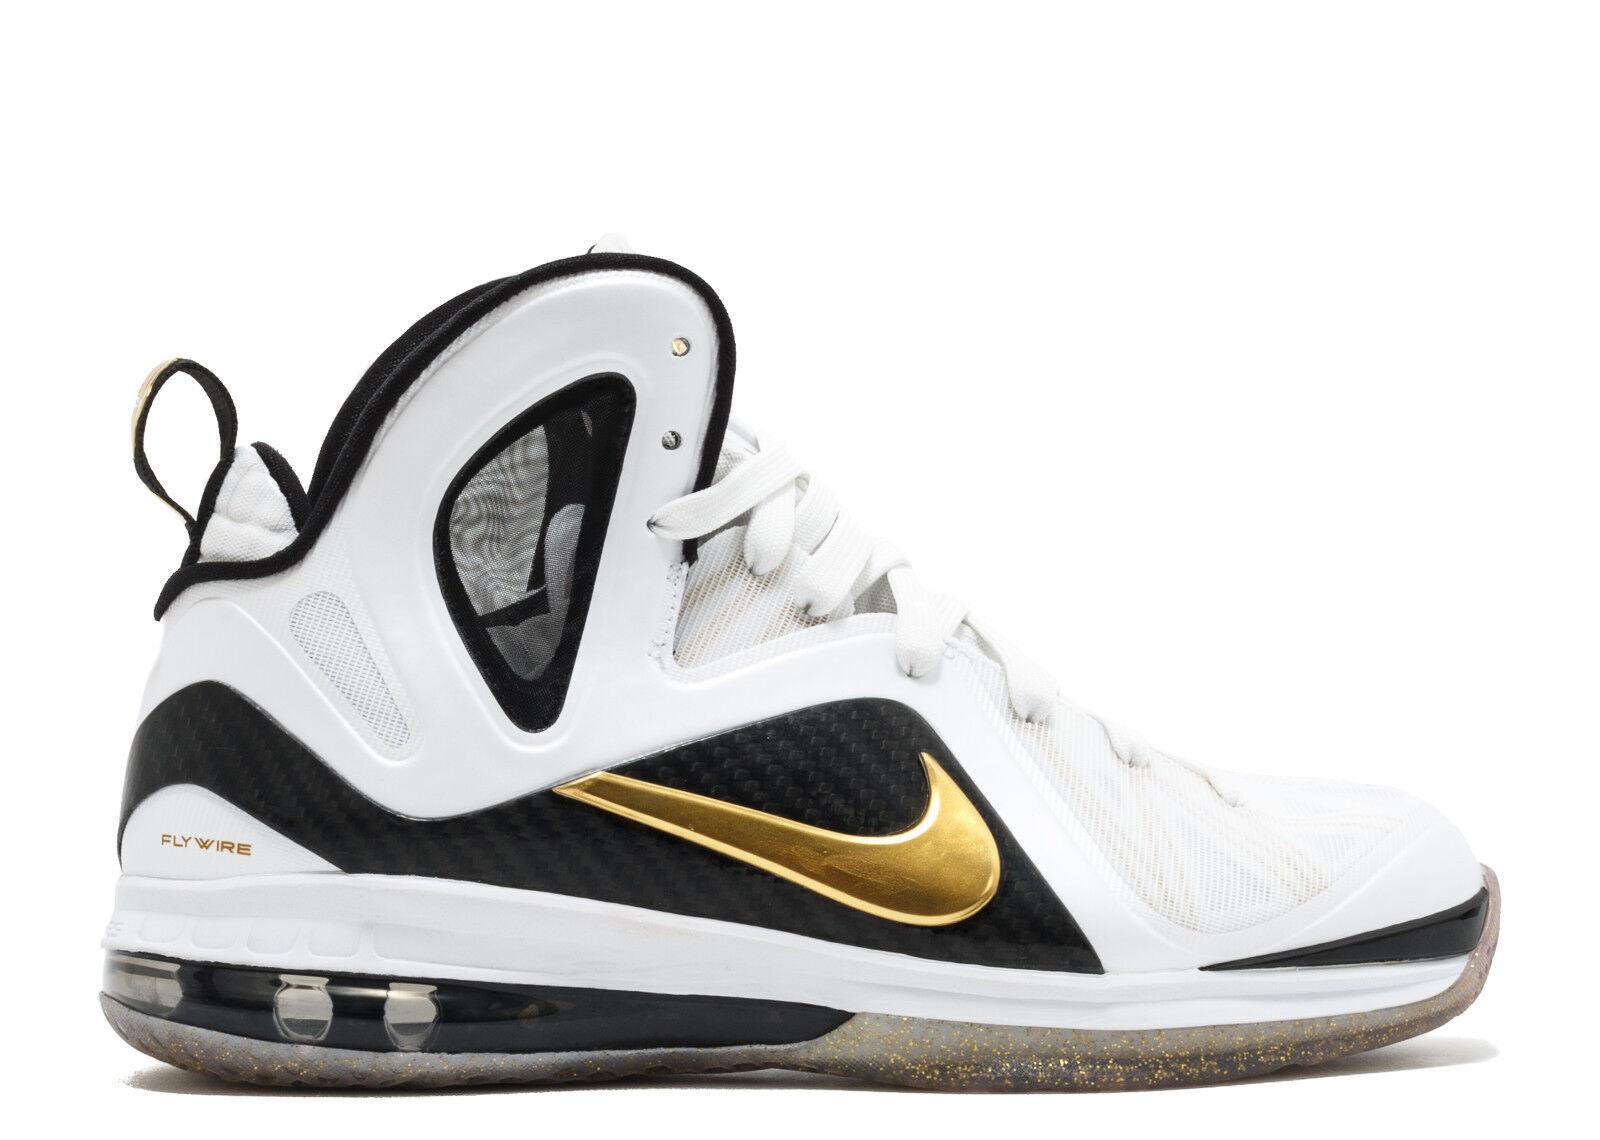 Nike LeBron 9 IX P.S. Elite oro oro Elite blanco cómodo especial de tiempo limitado fe6cd1